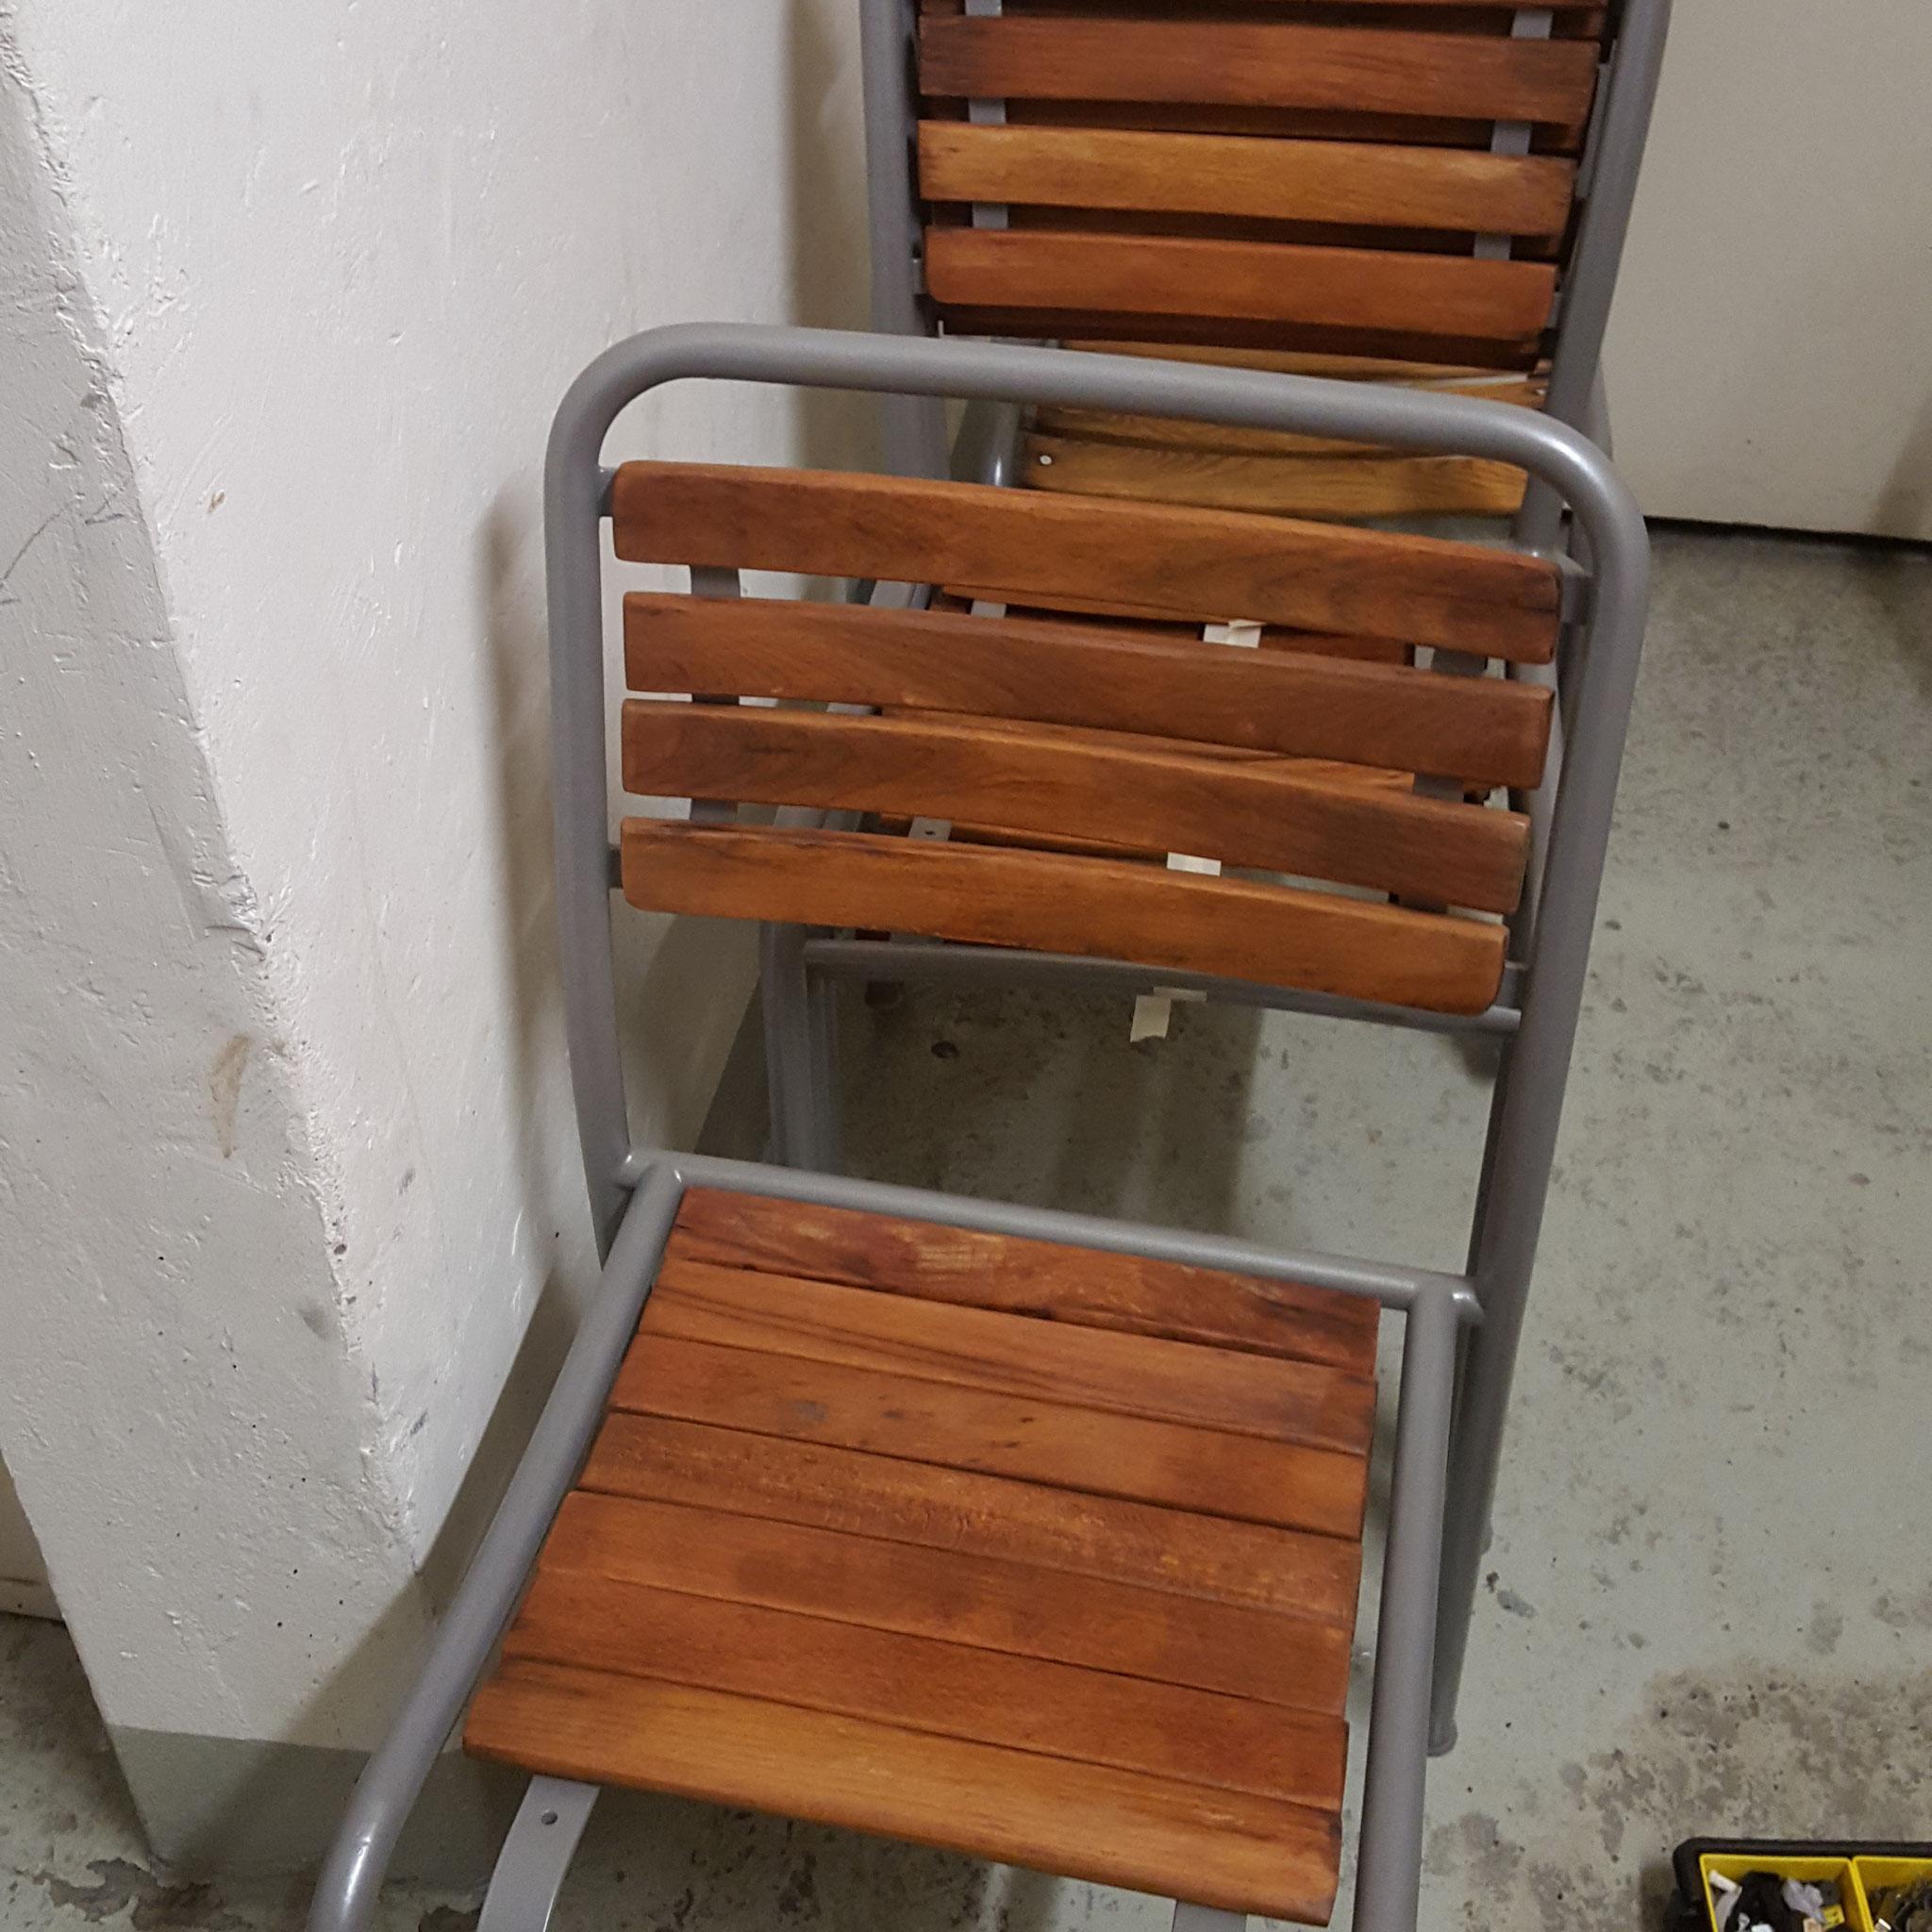 Metallstühle mit Holzlatten estauriert